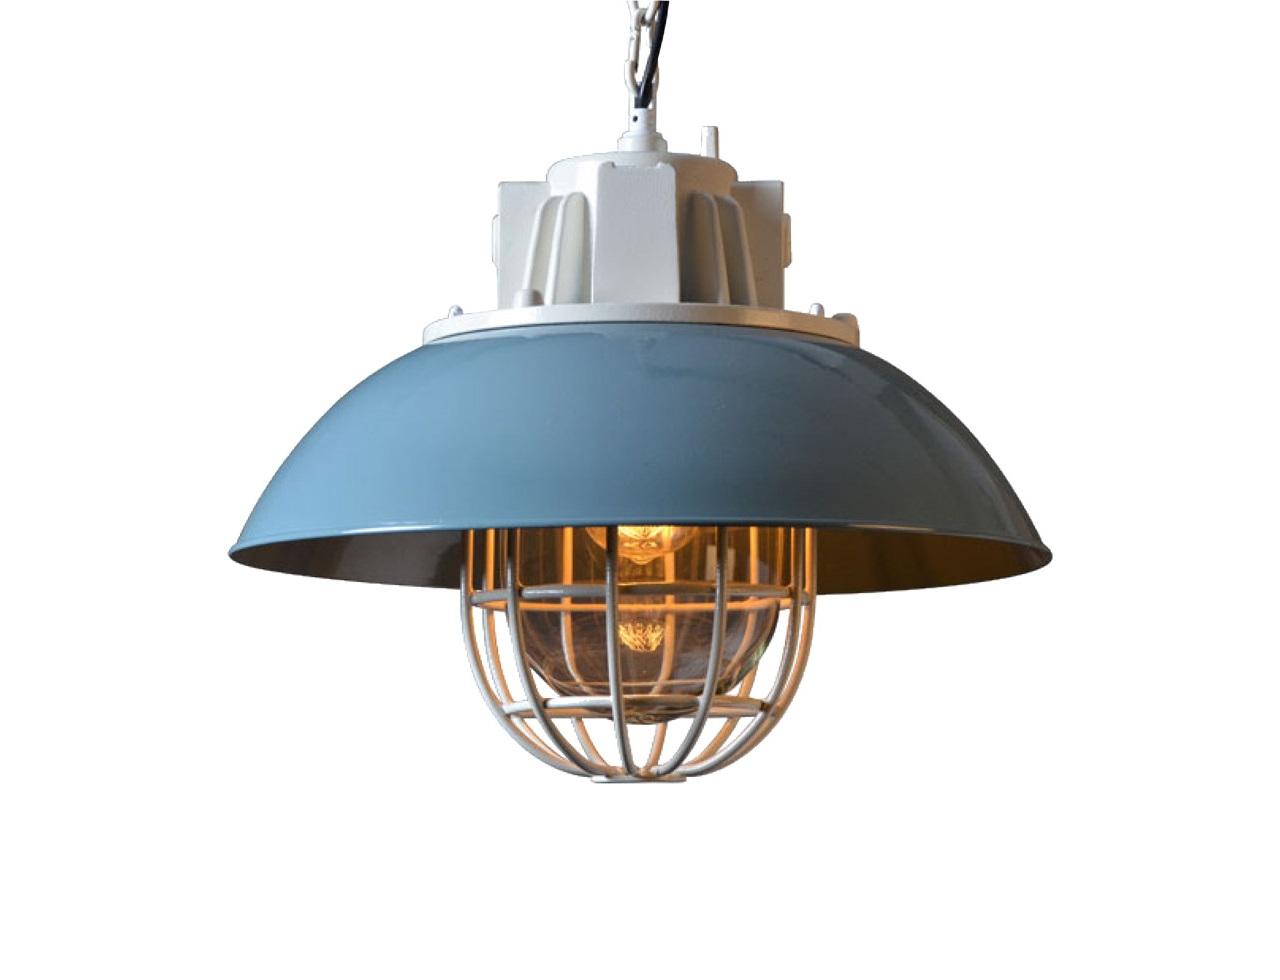 Подвесной светильник Astor ChandelierПодвесные светильники<br>&amp;quot;Astor Chandelier&amp;quot; ? светильник, при взгляде на который рождаются ассоциации с серединой прошлого столетия. В мыслях сразу же возникают образы фабричных помещений, наполненных тусклым светом ретро-фонарей. Удивительная атмосфера, присутствующая в этих образах, может прийти и в ваш дом. Светильник, выполненный из металла голубого цвета и дополненный декоративной решеткой, добавит столовой, холлу или рабочему кабинету очарование лофта, рожденное на стыке брутальности и элегантной сдержанности.&amp;lt;div&amp;gt;&amp;lt;br&amp;gt;&amp;lt;/div&amp;gt;&amp;lt;div&amp;gt;Подвесной светильник выполнен из металла голубого цвета.&amp;lt;/div&amp;gt;&amp;lt;div&amp;gt;Лампа располагается под декоративной решеткой.&amp;lt;/div&amp;gt;&amp;lt;div&amp;gt;Высота светильника регулируется.&amp;lt;/div&amp;gt;&amp;lt;div&amp;gt;Цоколь: E27&amp;lt;/div&amp;gt;&amp;lt;div&amp;gt;Мощность: 40W&amp;lt;/div&amp;gt;&amp;lt;div&amp;gt;Количество ламп: 1&amp;lt;/div&amp;gt;&amp;lt;div&amp;gt;Лампа в комплект не входит&amp;lt;/div&amp;gt;<br><br>Material: Металл<br>Высота см: 41